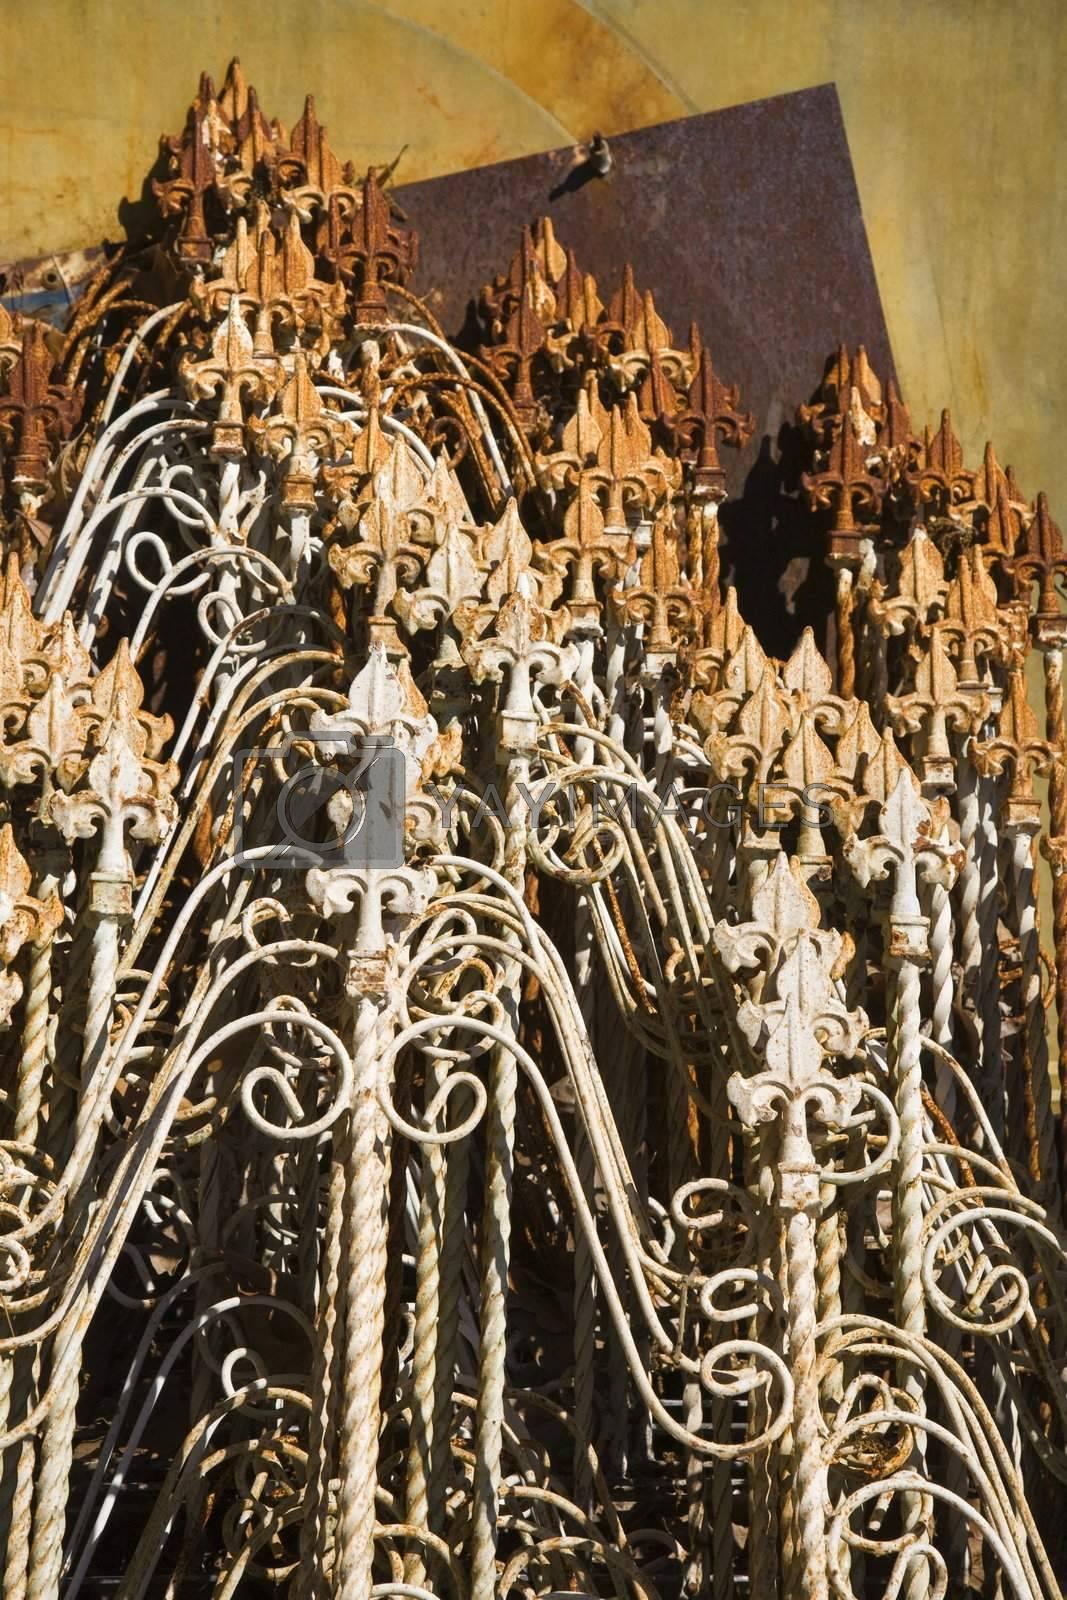 Metal fencing spires stacked together.